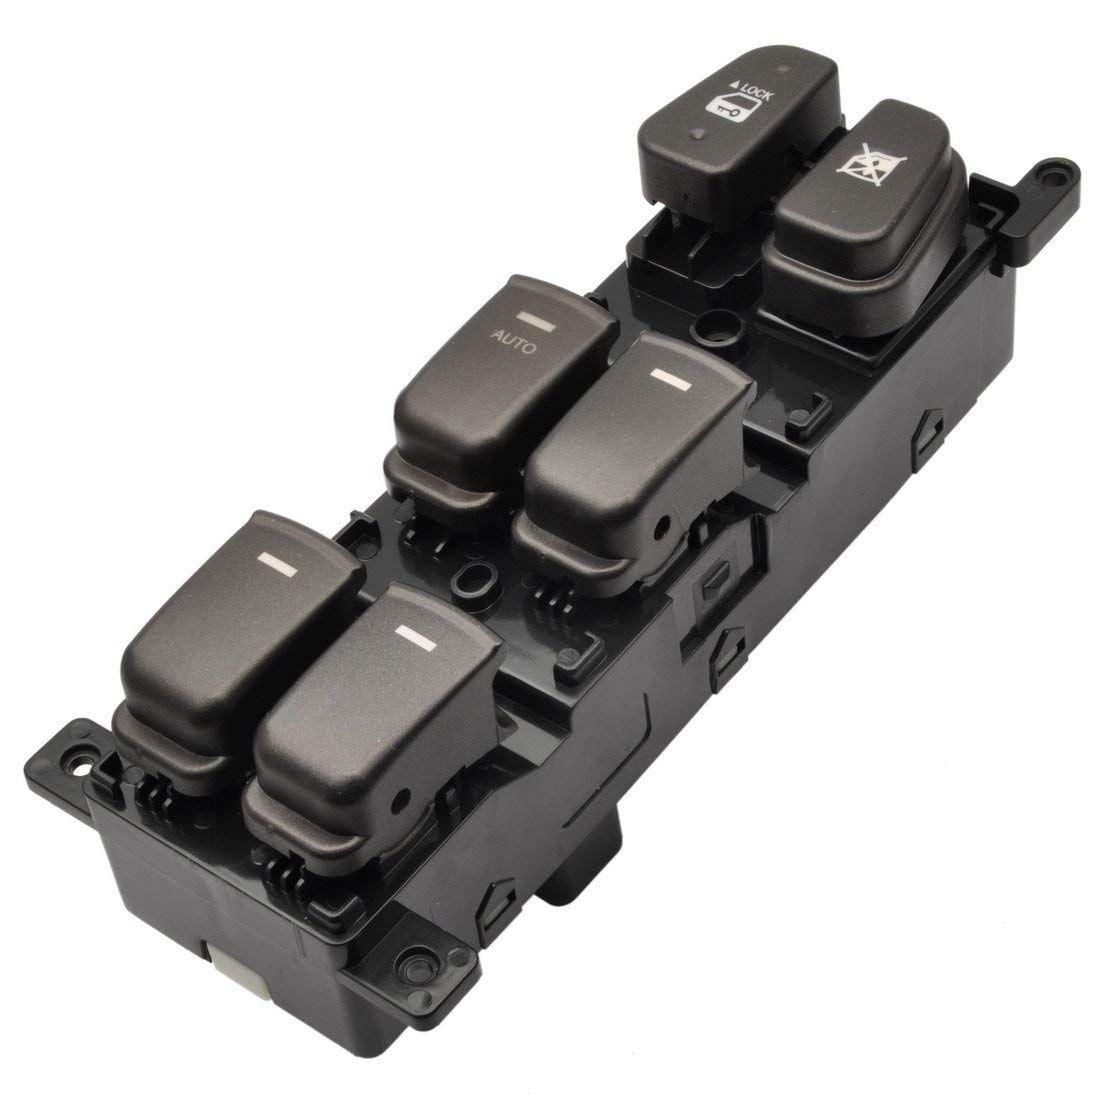 Master elektrikli pencere anahtarı düğmesi sol sürücü tarafı Hyundai 08-10 Sonata 935703K600 93570-3K600